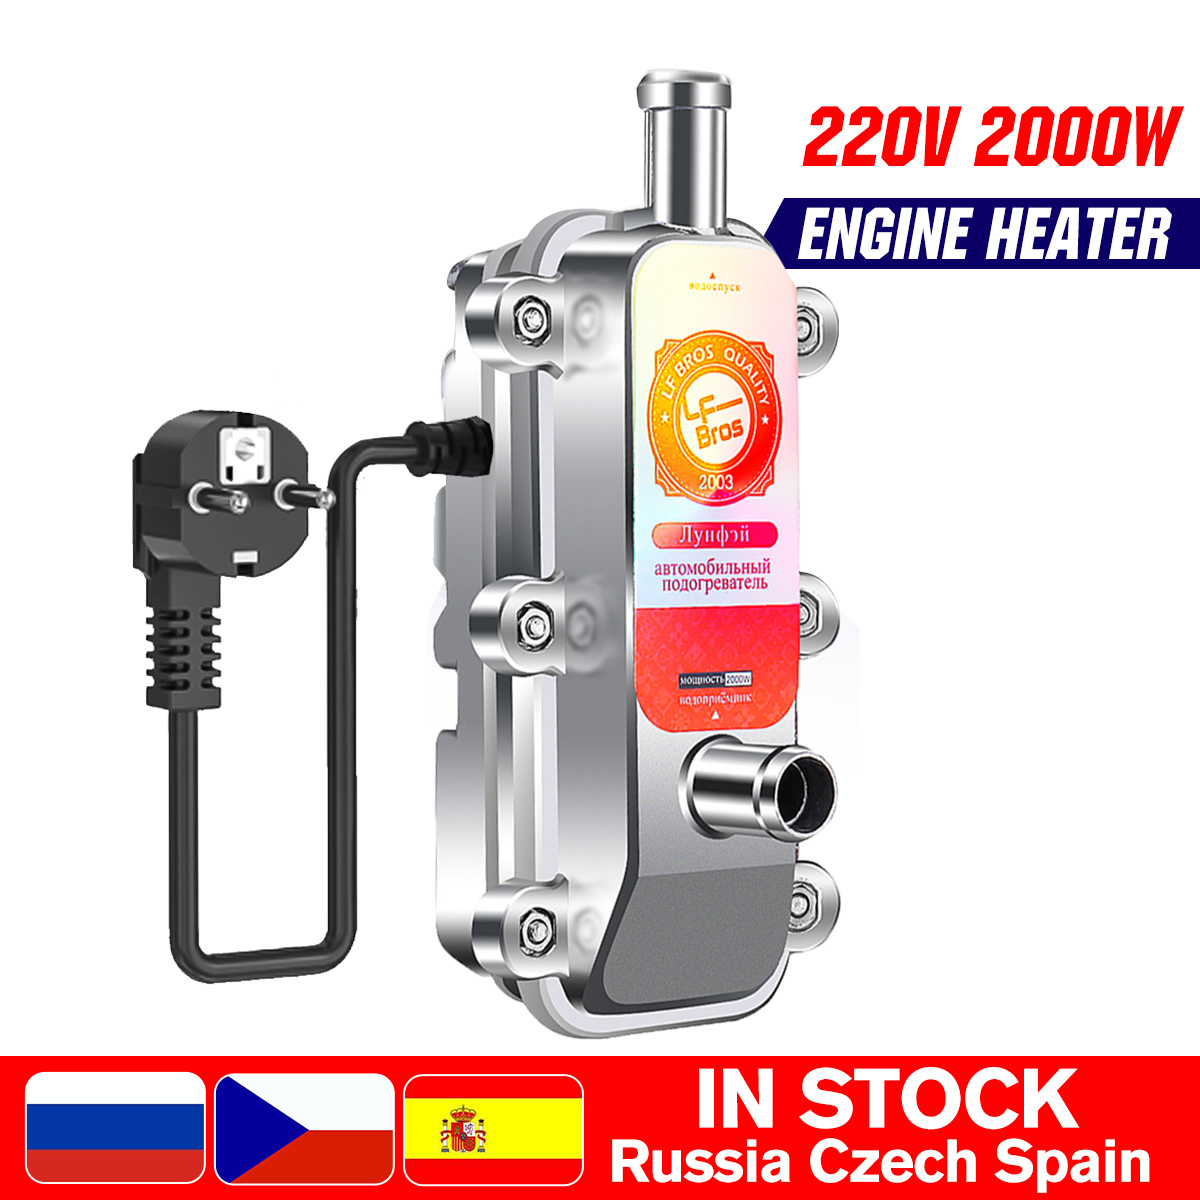 Calentador de motor de coche de 220V y 2000W